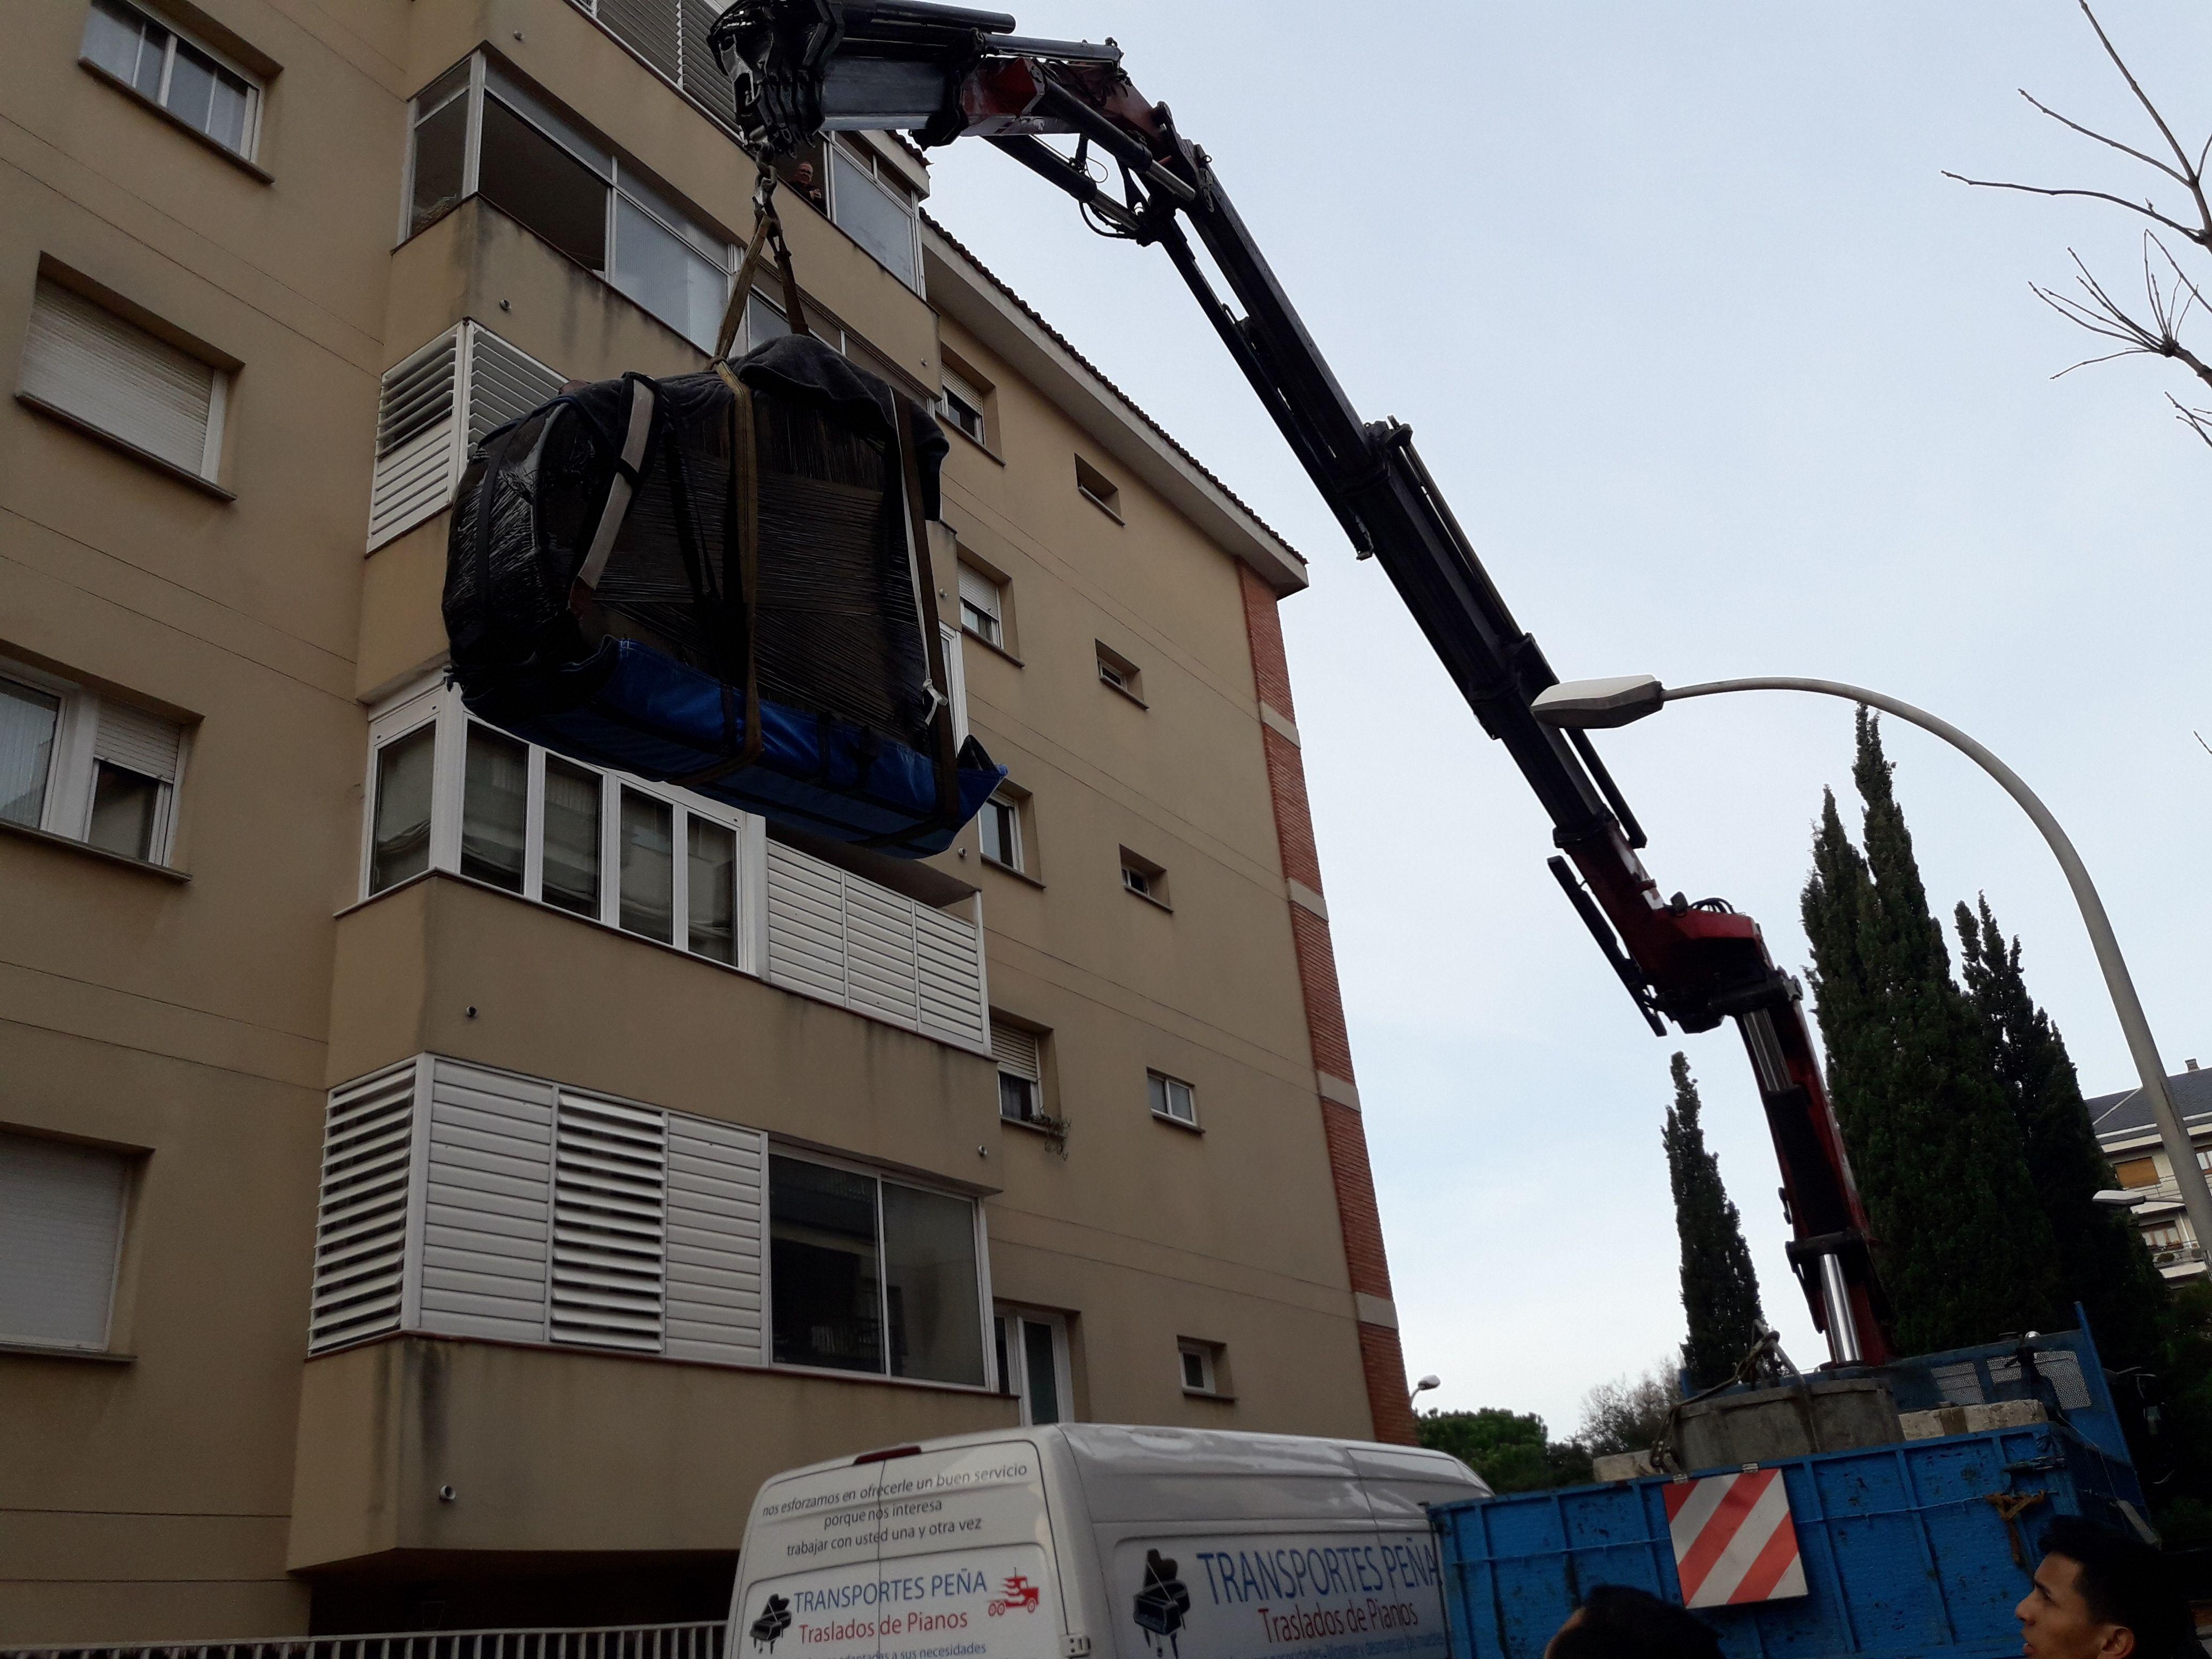 Traslado de pianos con elevador en Castelldefels